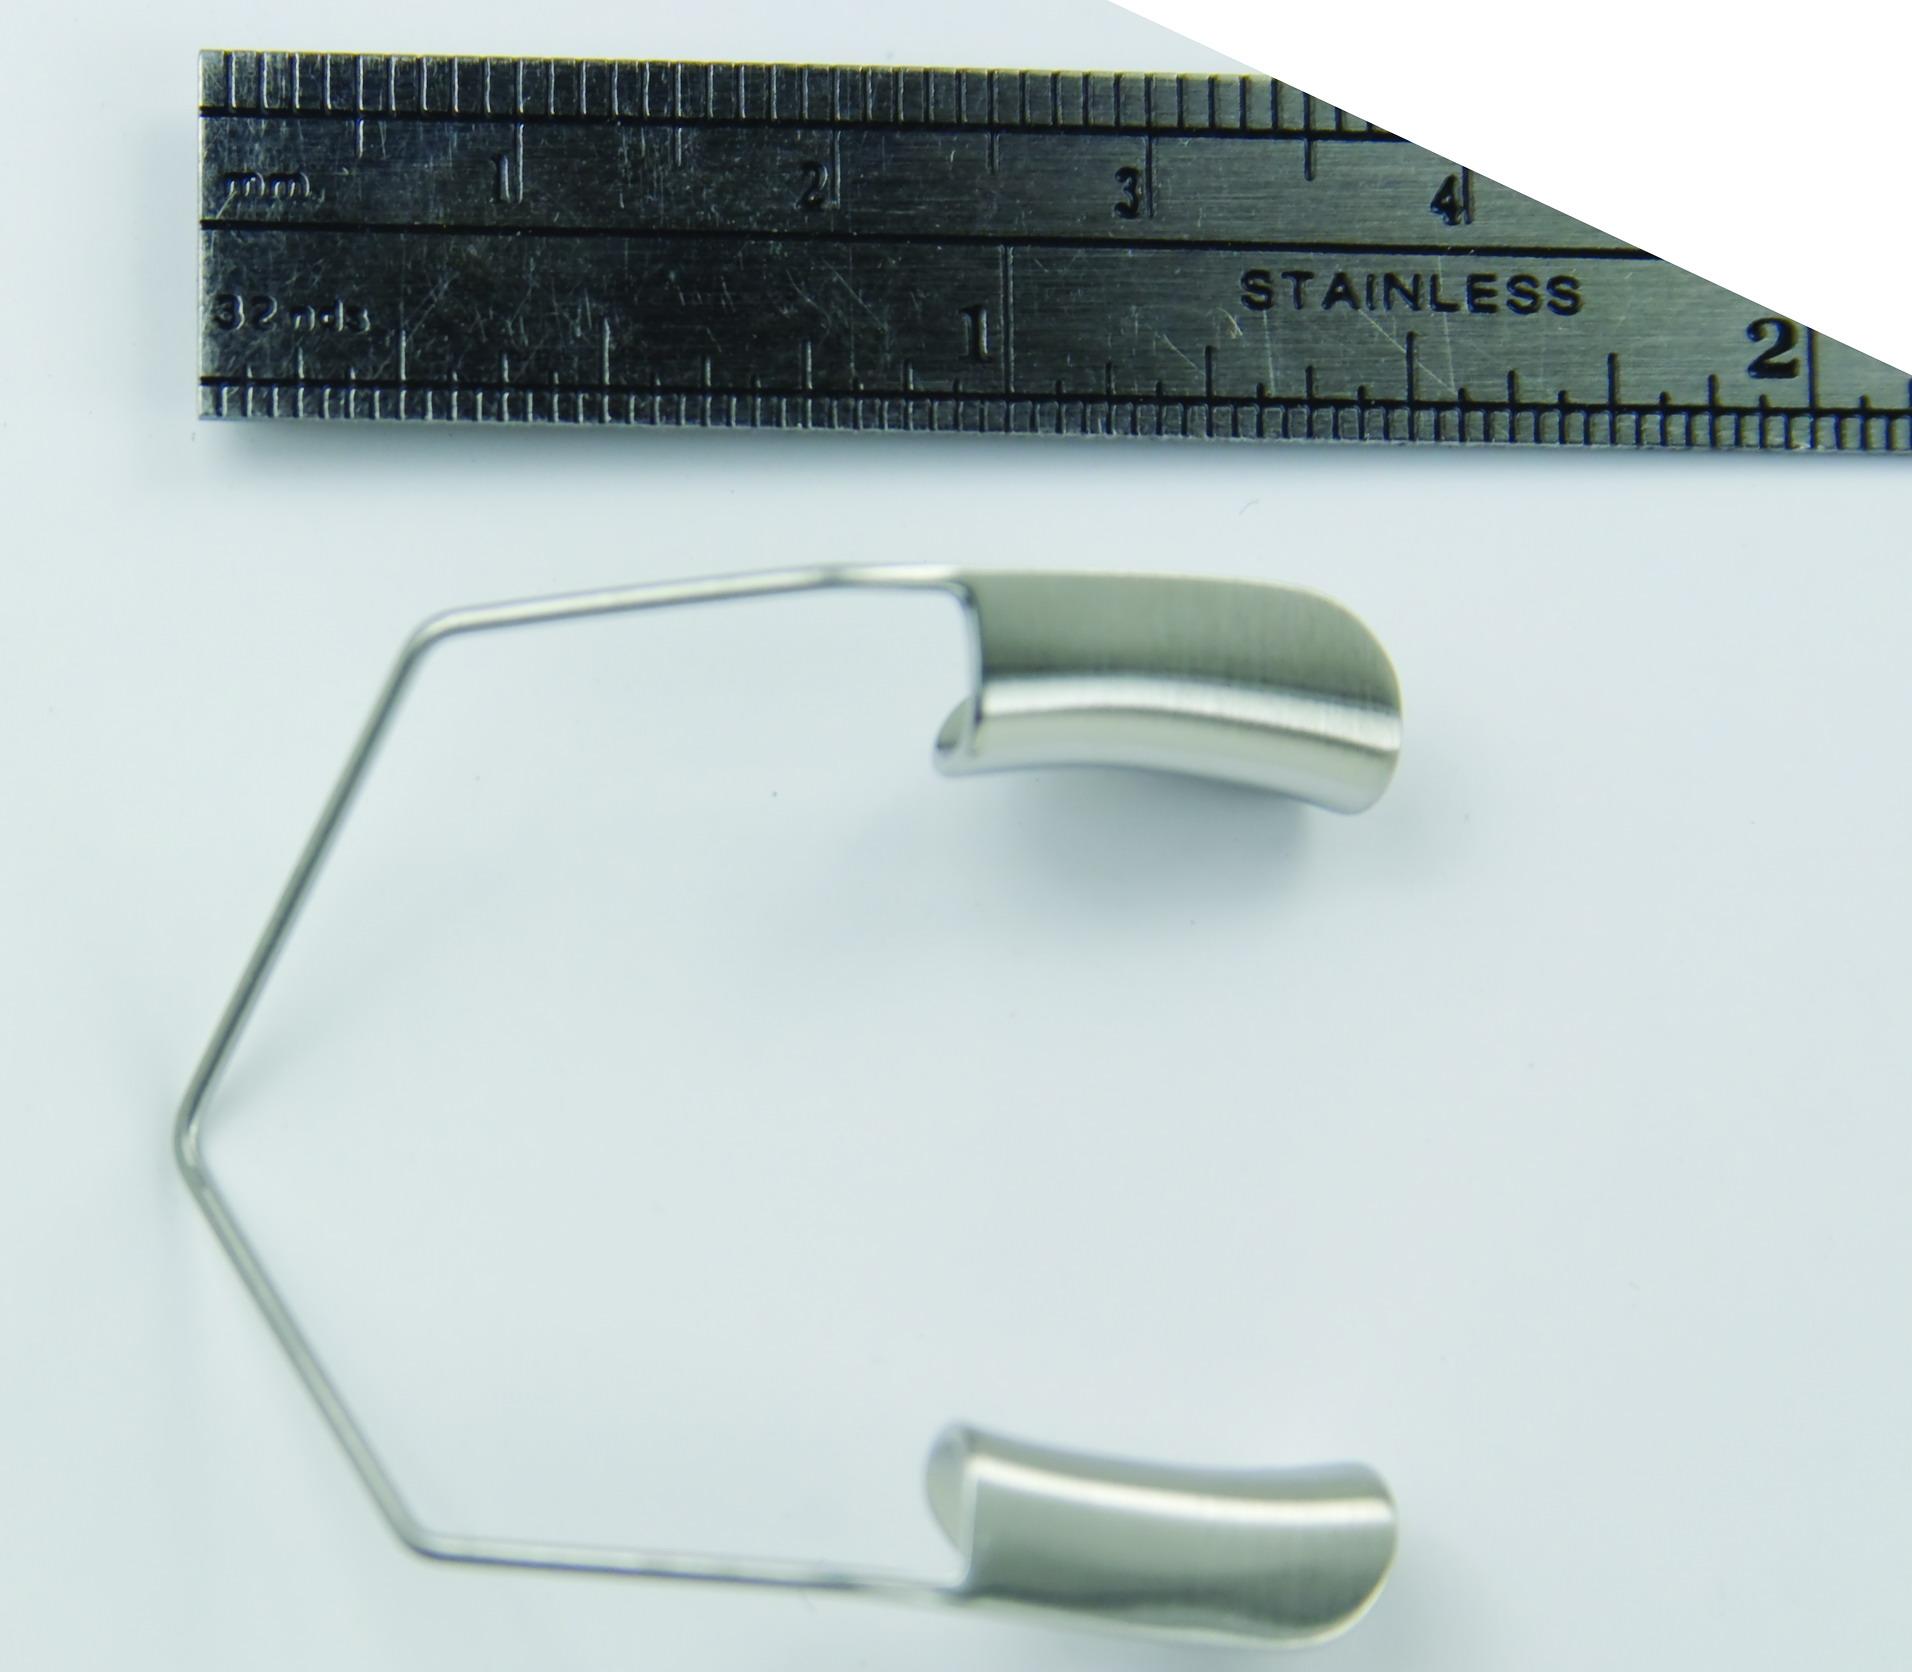 barraquer-wire-speculum-1-1-2-38-cm-solid-blades-large-18-18-miltex.jpg